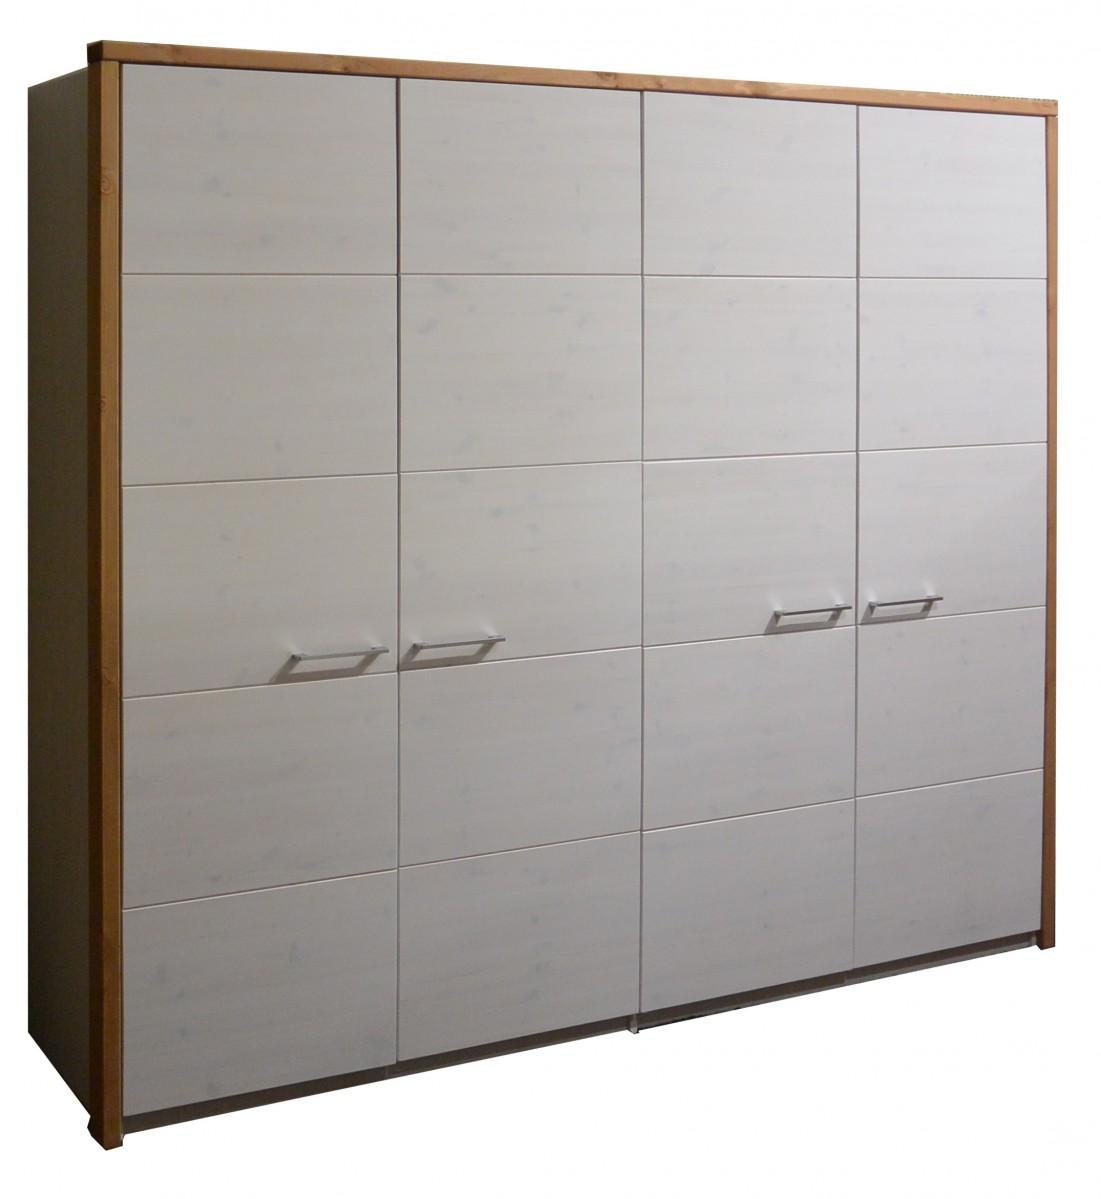 Schlafzimmerschrank modern  Funvit.com | Rückwände Küche